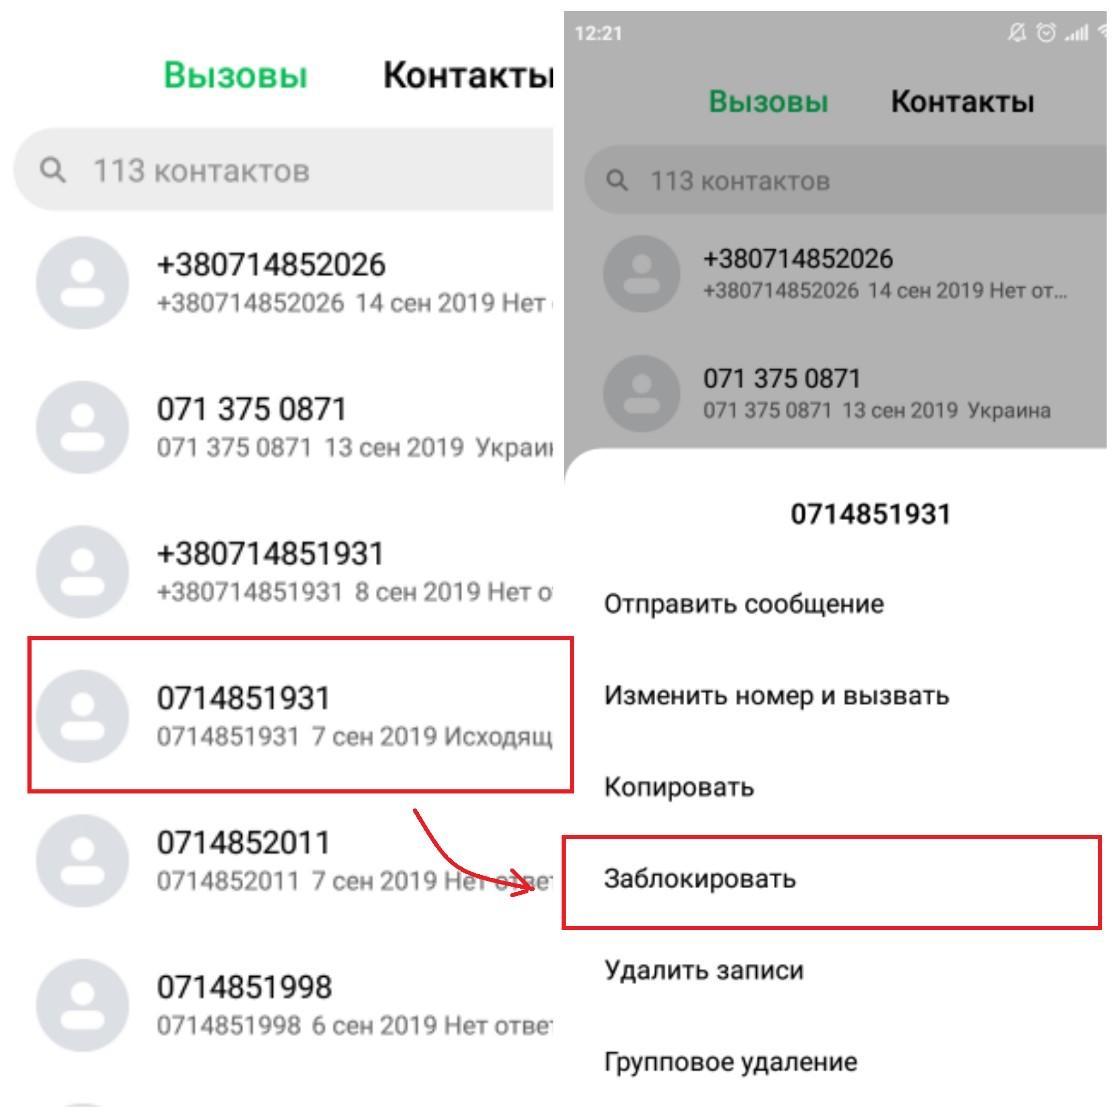 SMS-сообщения не приходят на телефон: почему это происходит и что можно предпринять